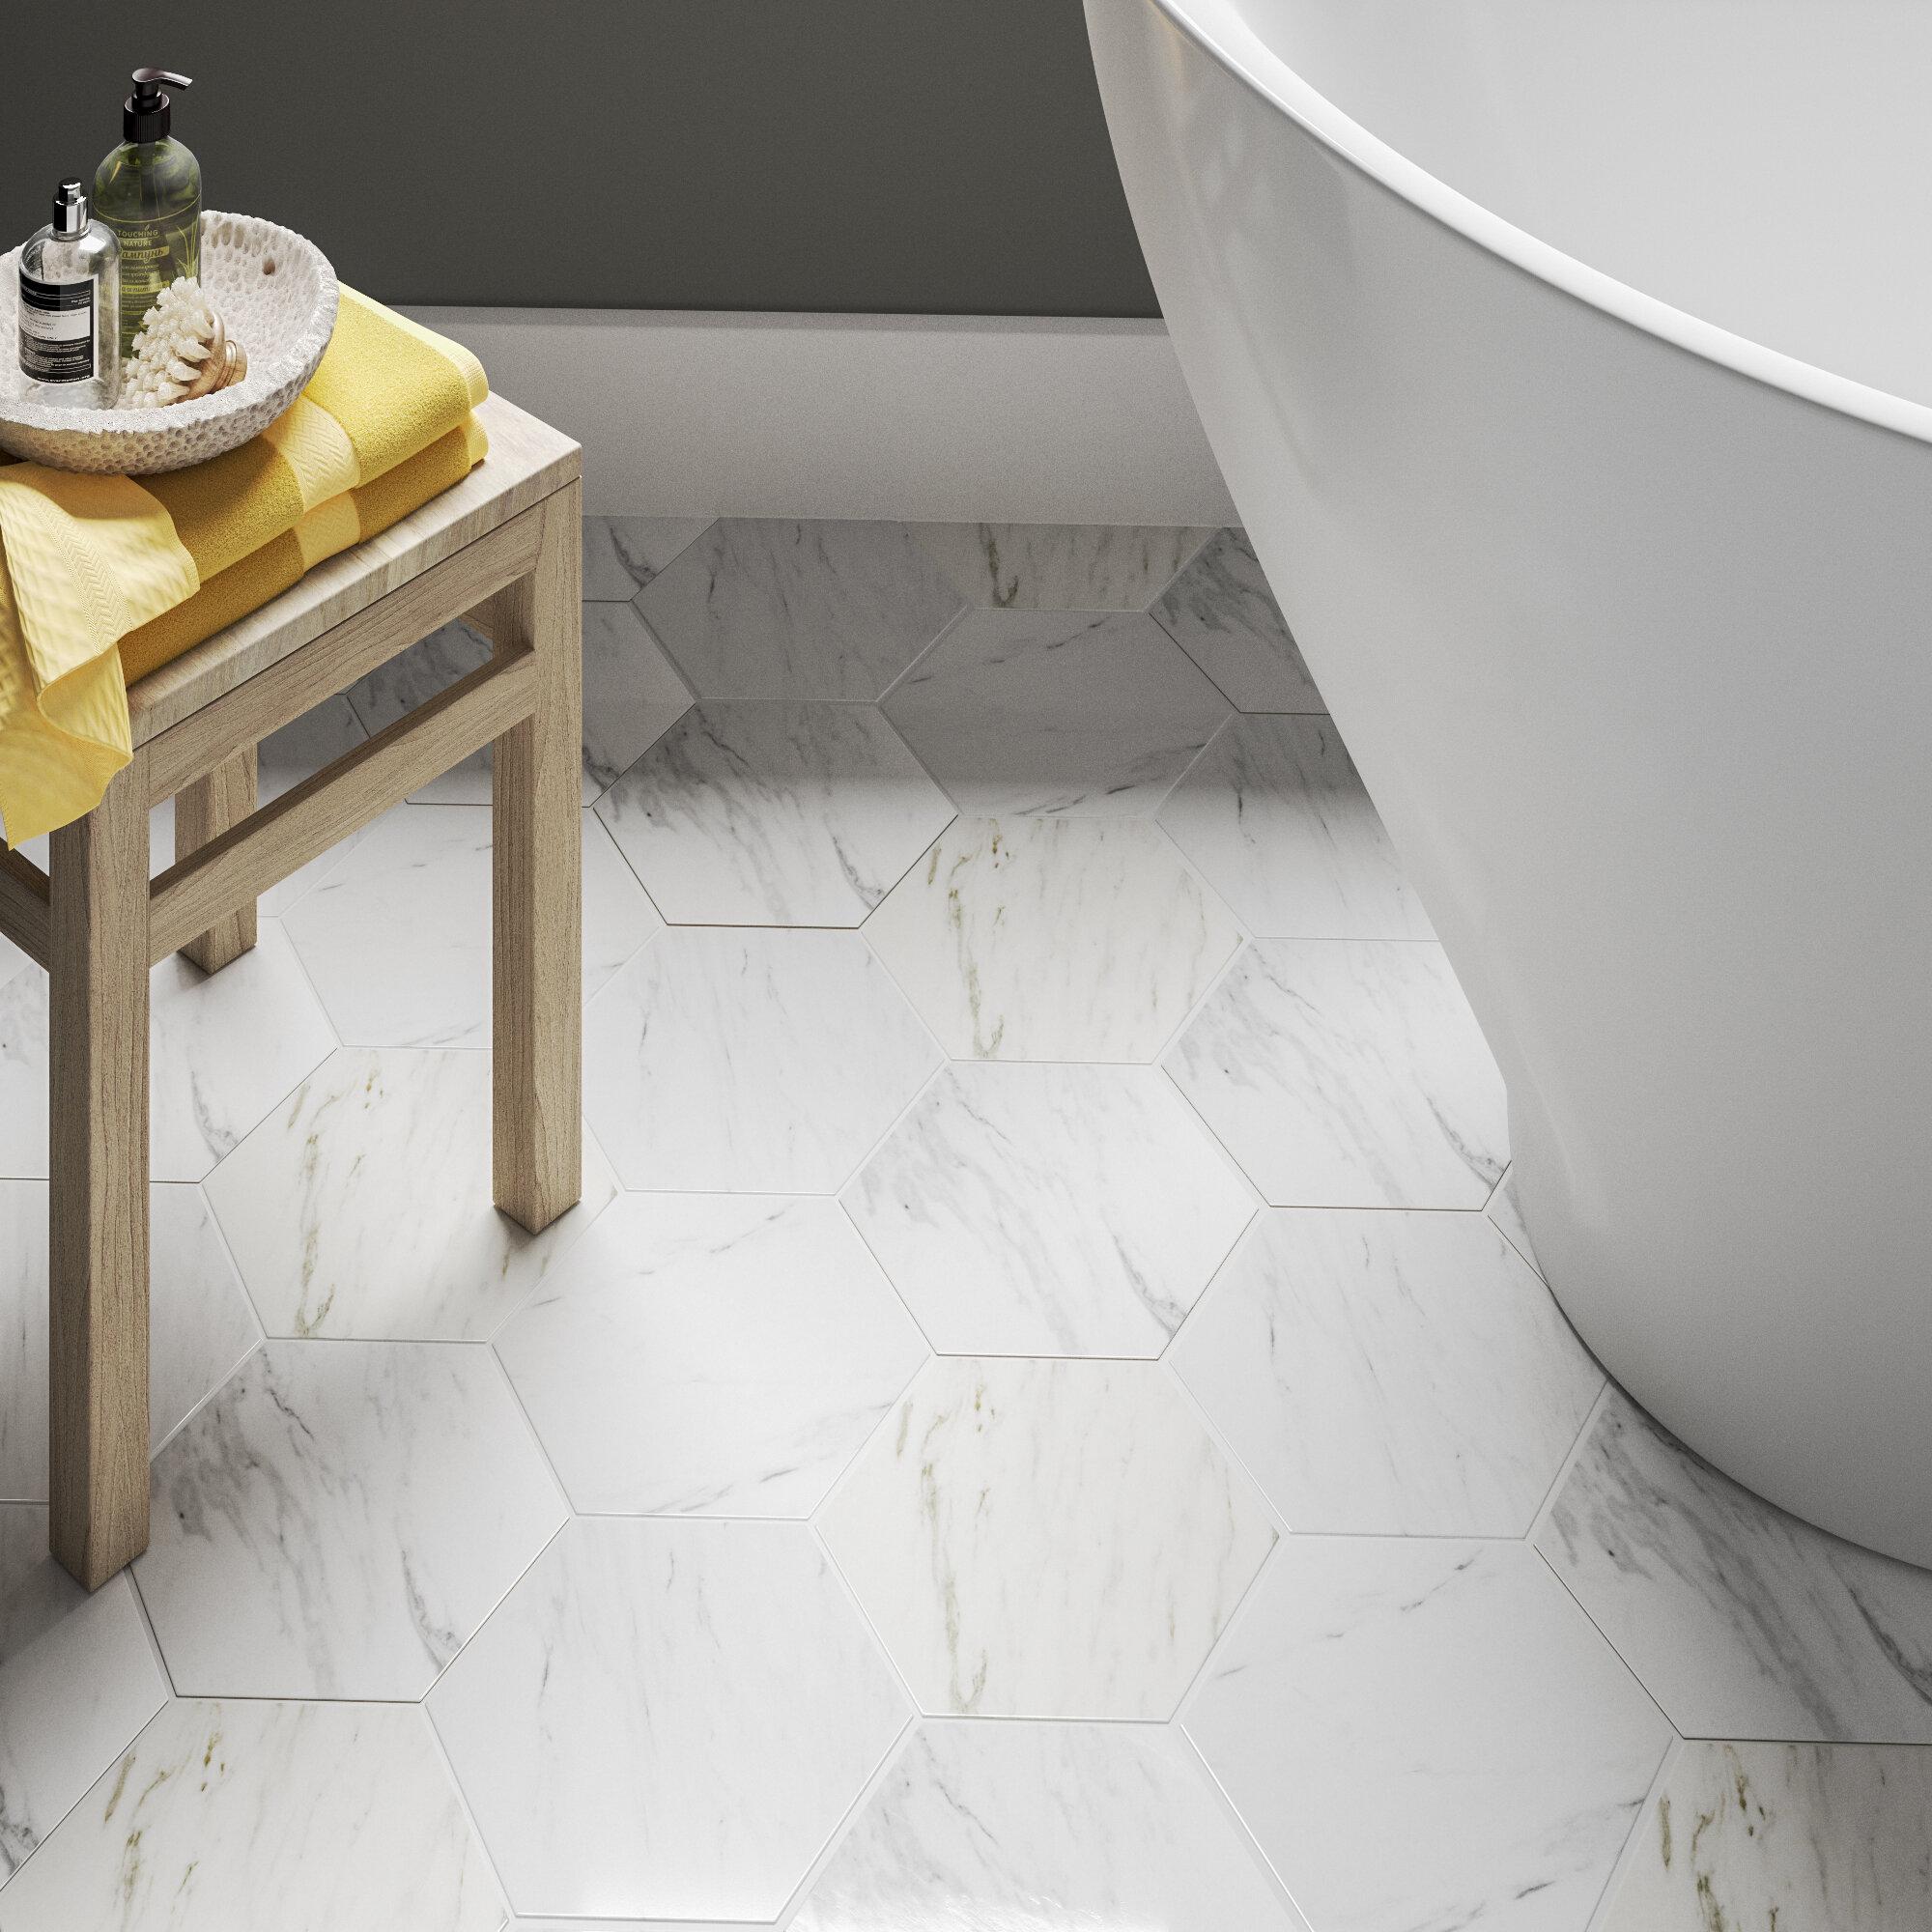 Elitetile Marbre 9 X 10 Porcelain Stone Look Wall Floor Tile Reviews Wayfair